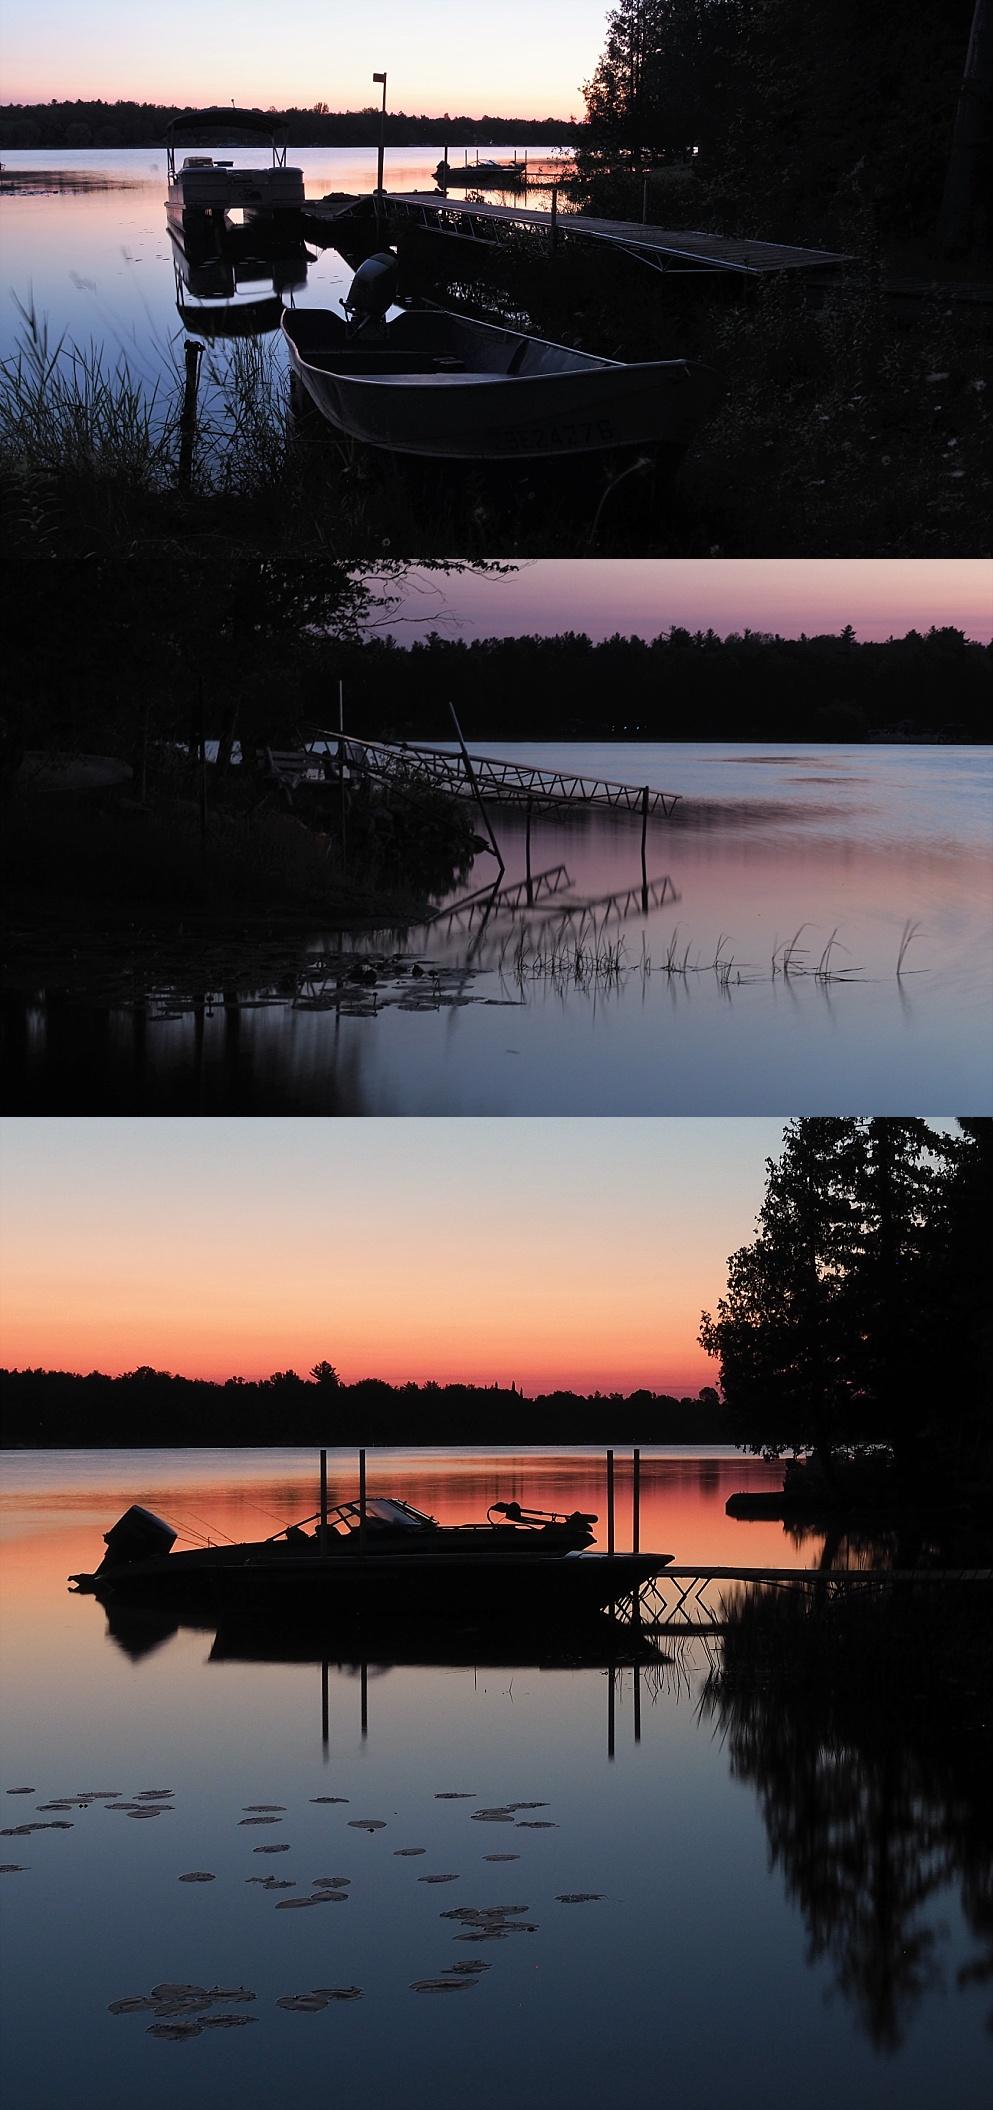 3-photo collage of sunrise shots at White Lake ON